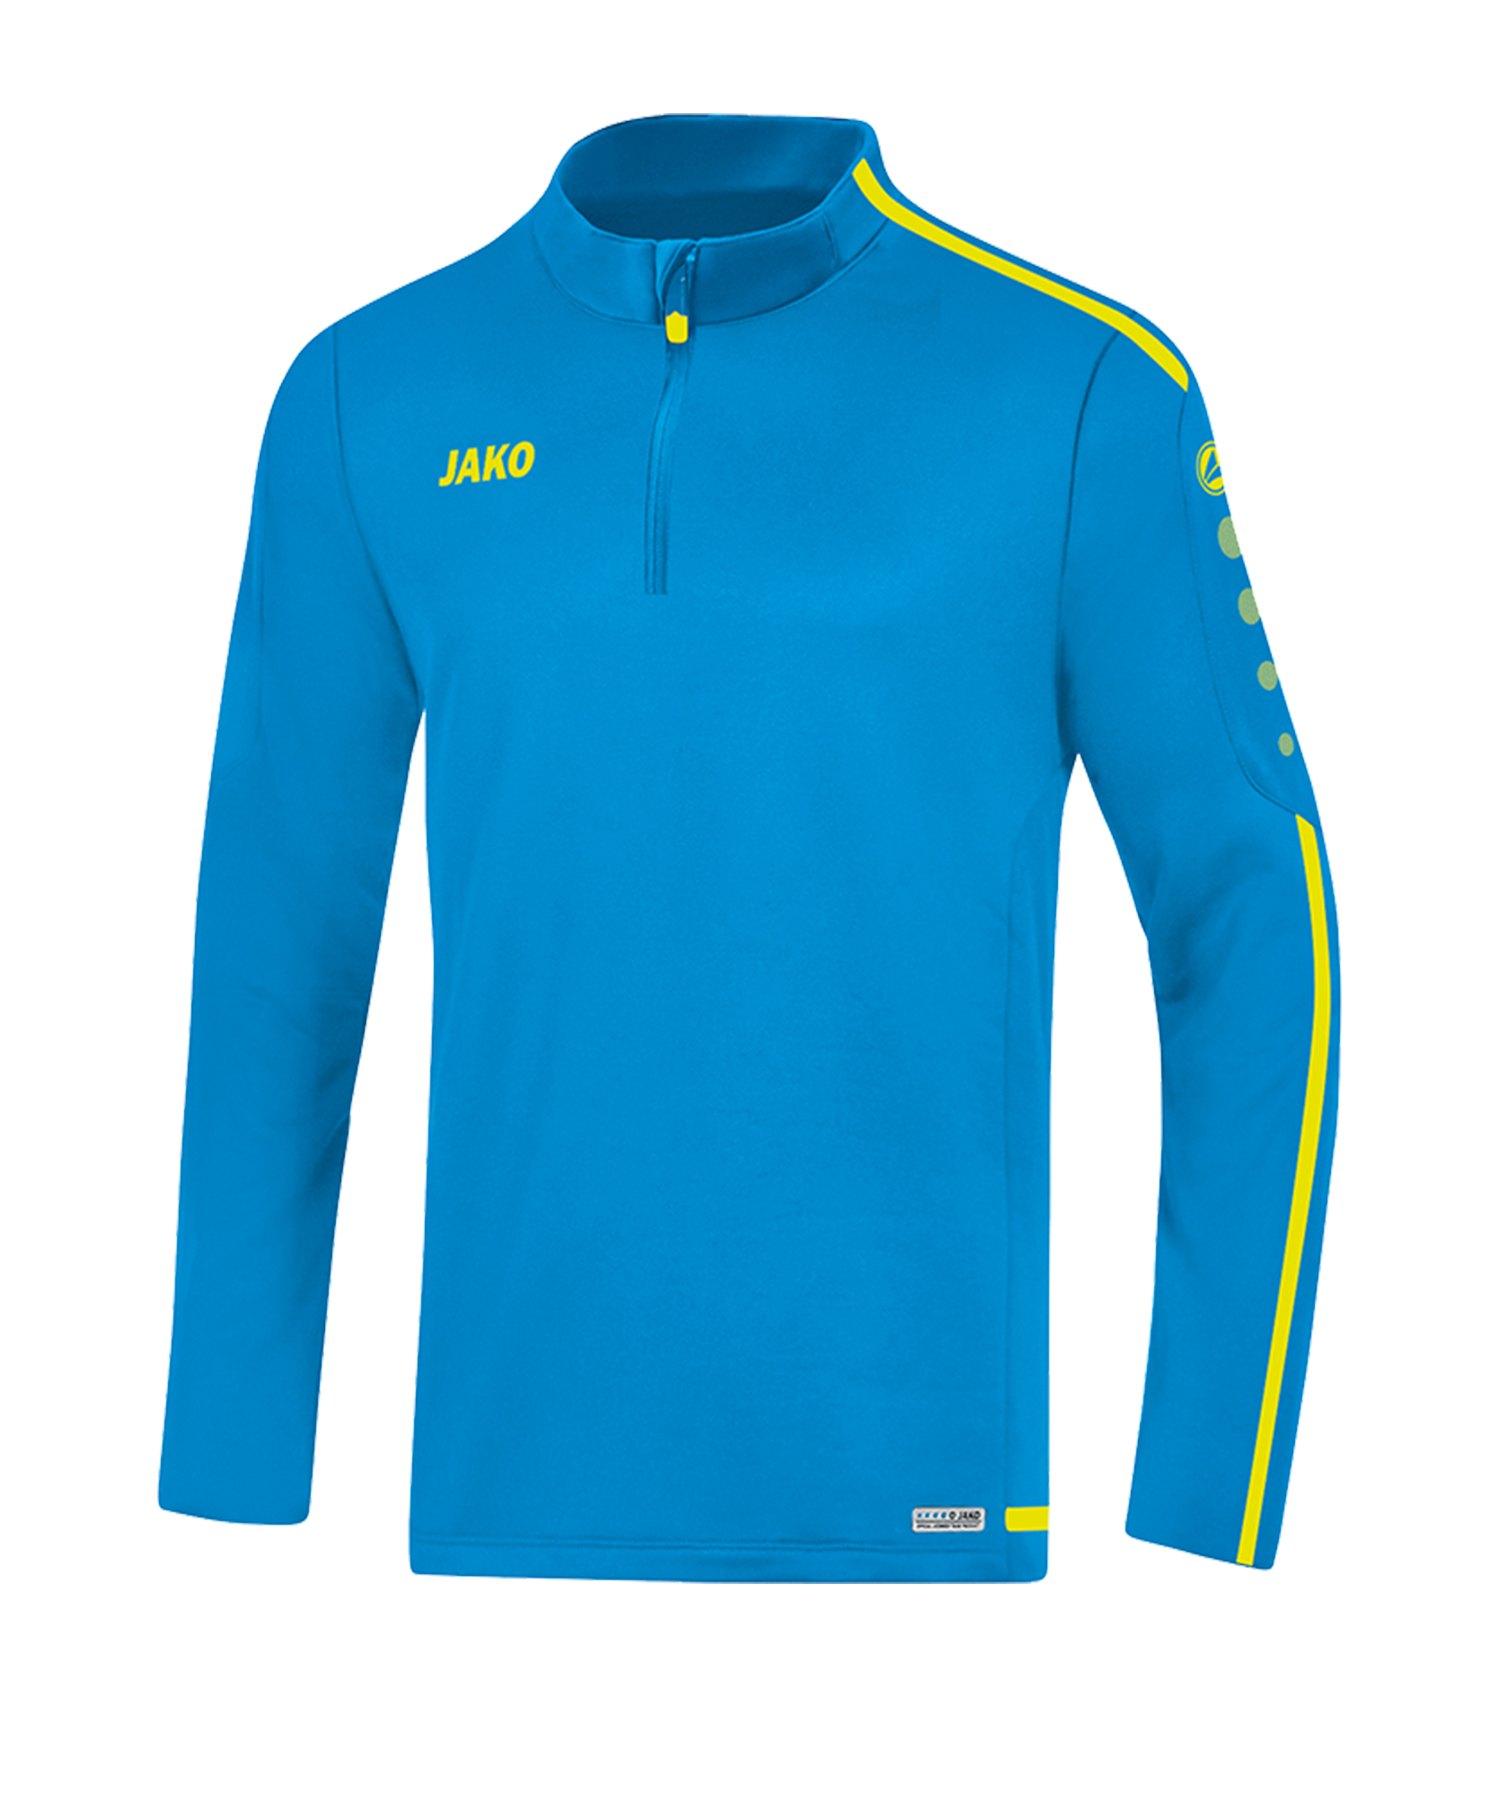 Jako Striker 2.0 Ziptop Blau Gelb F89 - Blau